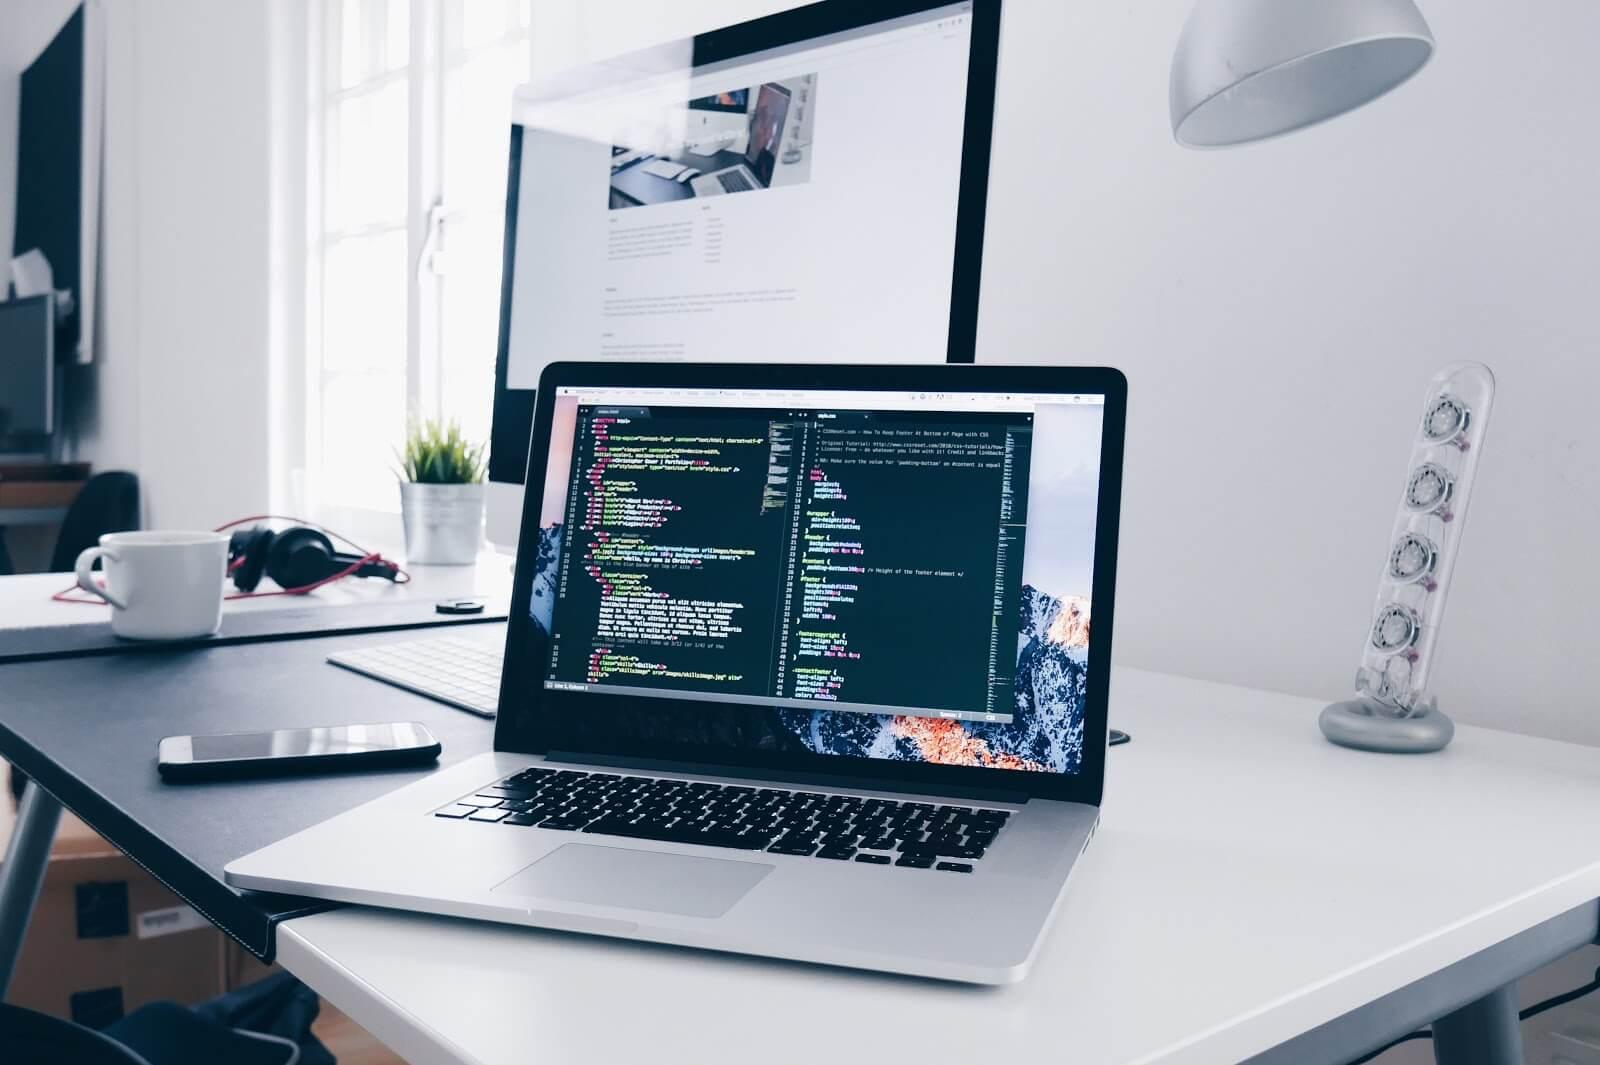 Computador em cima de uma mesa branca com código de programação aberto. Em cima da mesa há um monitor grande, fones de ouvido, xícara de café, vasinho, luminárias e celular. Ao fundo uma janela deixando a claridade entrar no ambiente. (Foto: Christopher Gower)